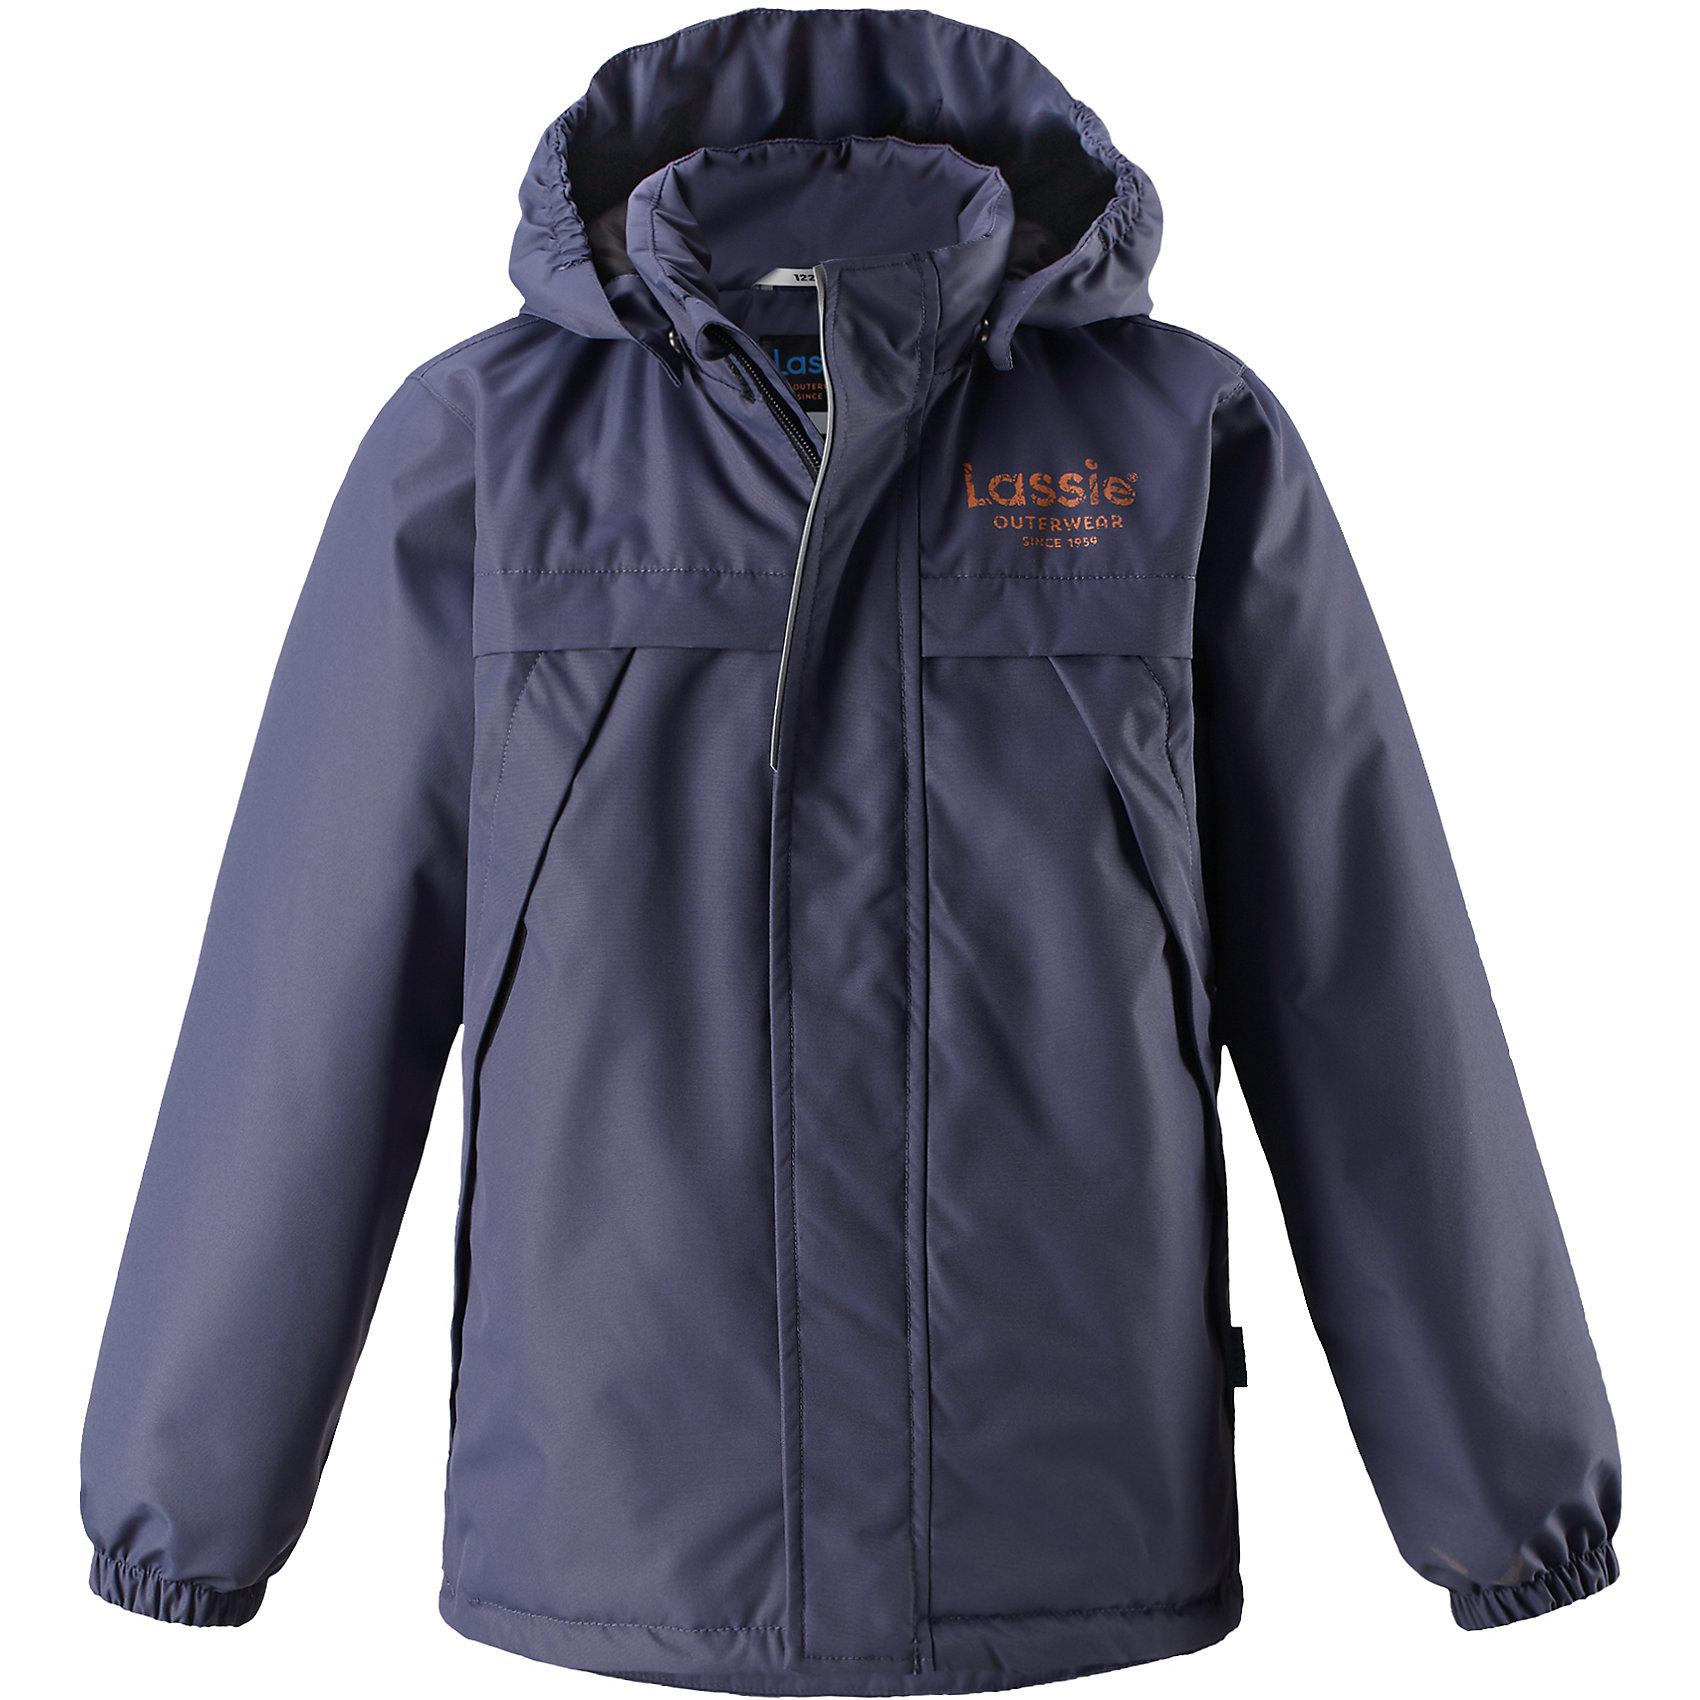 Куртка  для мальчика LASSIEОдежда<br>Куртка  для мальчика LASSIE<br>Состав:<br>100% Полиэстер, полиуретановое покрытие<br> Куртка демисезонная для детей<br> Водоотталкивающий, ветронепроницаемый и «дышащий» материал<br> Гладкая подкладка из полиэстра<br> Легкая степень утепления<br> Безопасный, съемный капюшон<br> Эластичные манжеты<br> Регулируемый подол<br> Передние карманы<br><br>Ширина мм: 356<br>Глубина мм: 10<br>Высота мм: 245<br>Вес г: 519<br>Цвет: серый<br>Возраст от месяцев: 144<br>Возраст до месяцев: 156<br>Пол: Мужской<br>Возраст: Детский<br>Размер: 140,92,134,128,122,116,110,104,98<br>SKU: 5265100